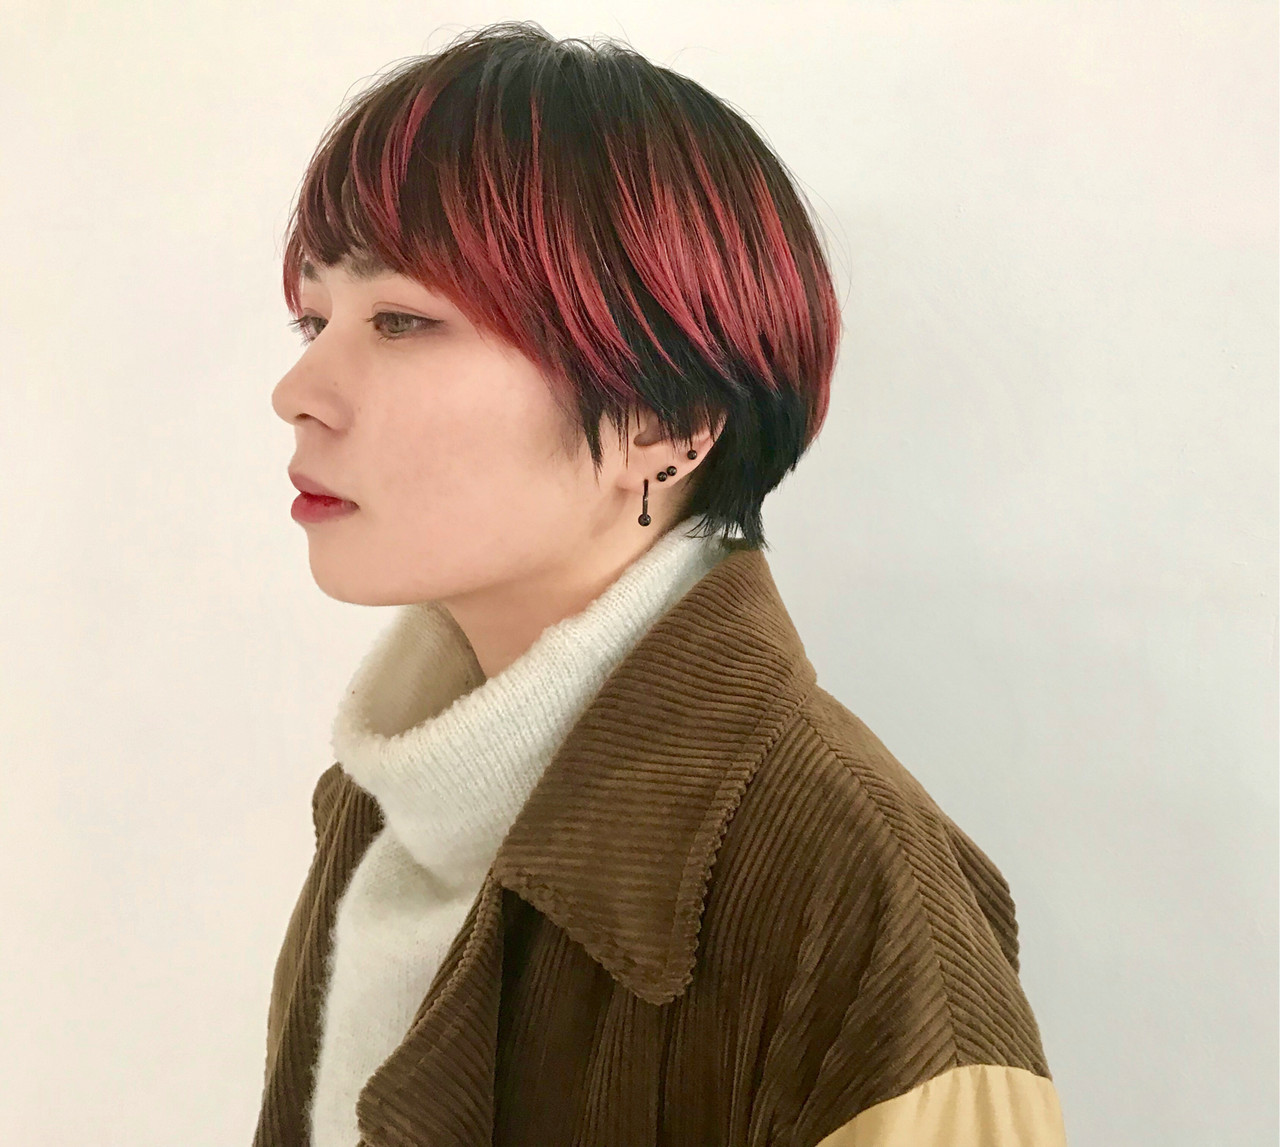 赤髪 ローライト ストリート ショート ヘアスタイルや髪型の写真・画像